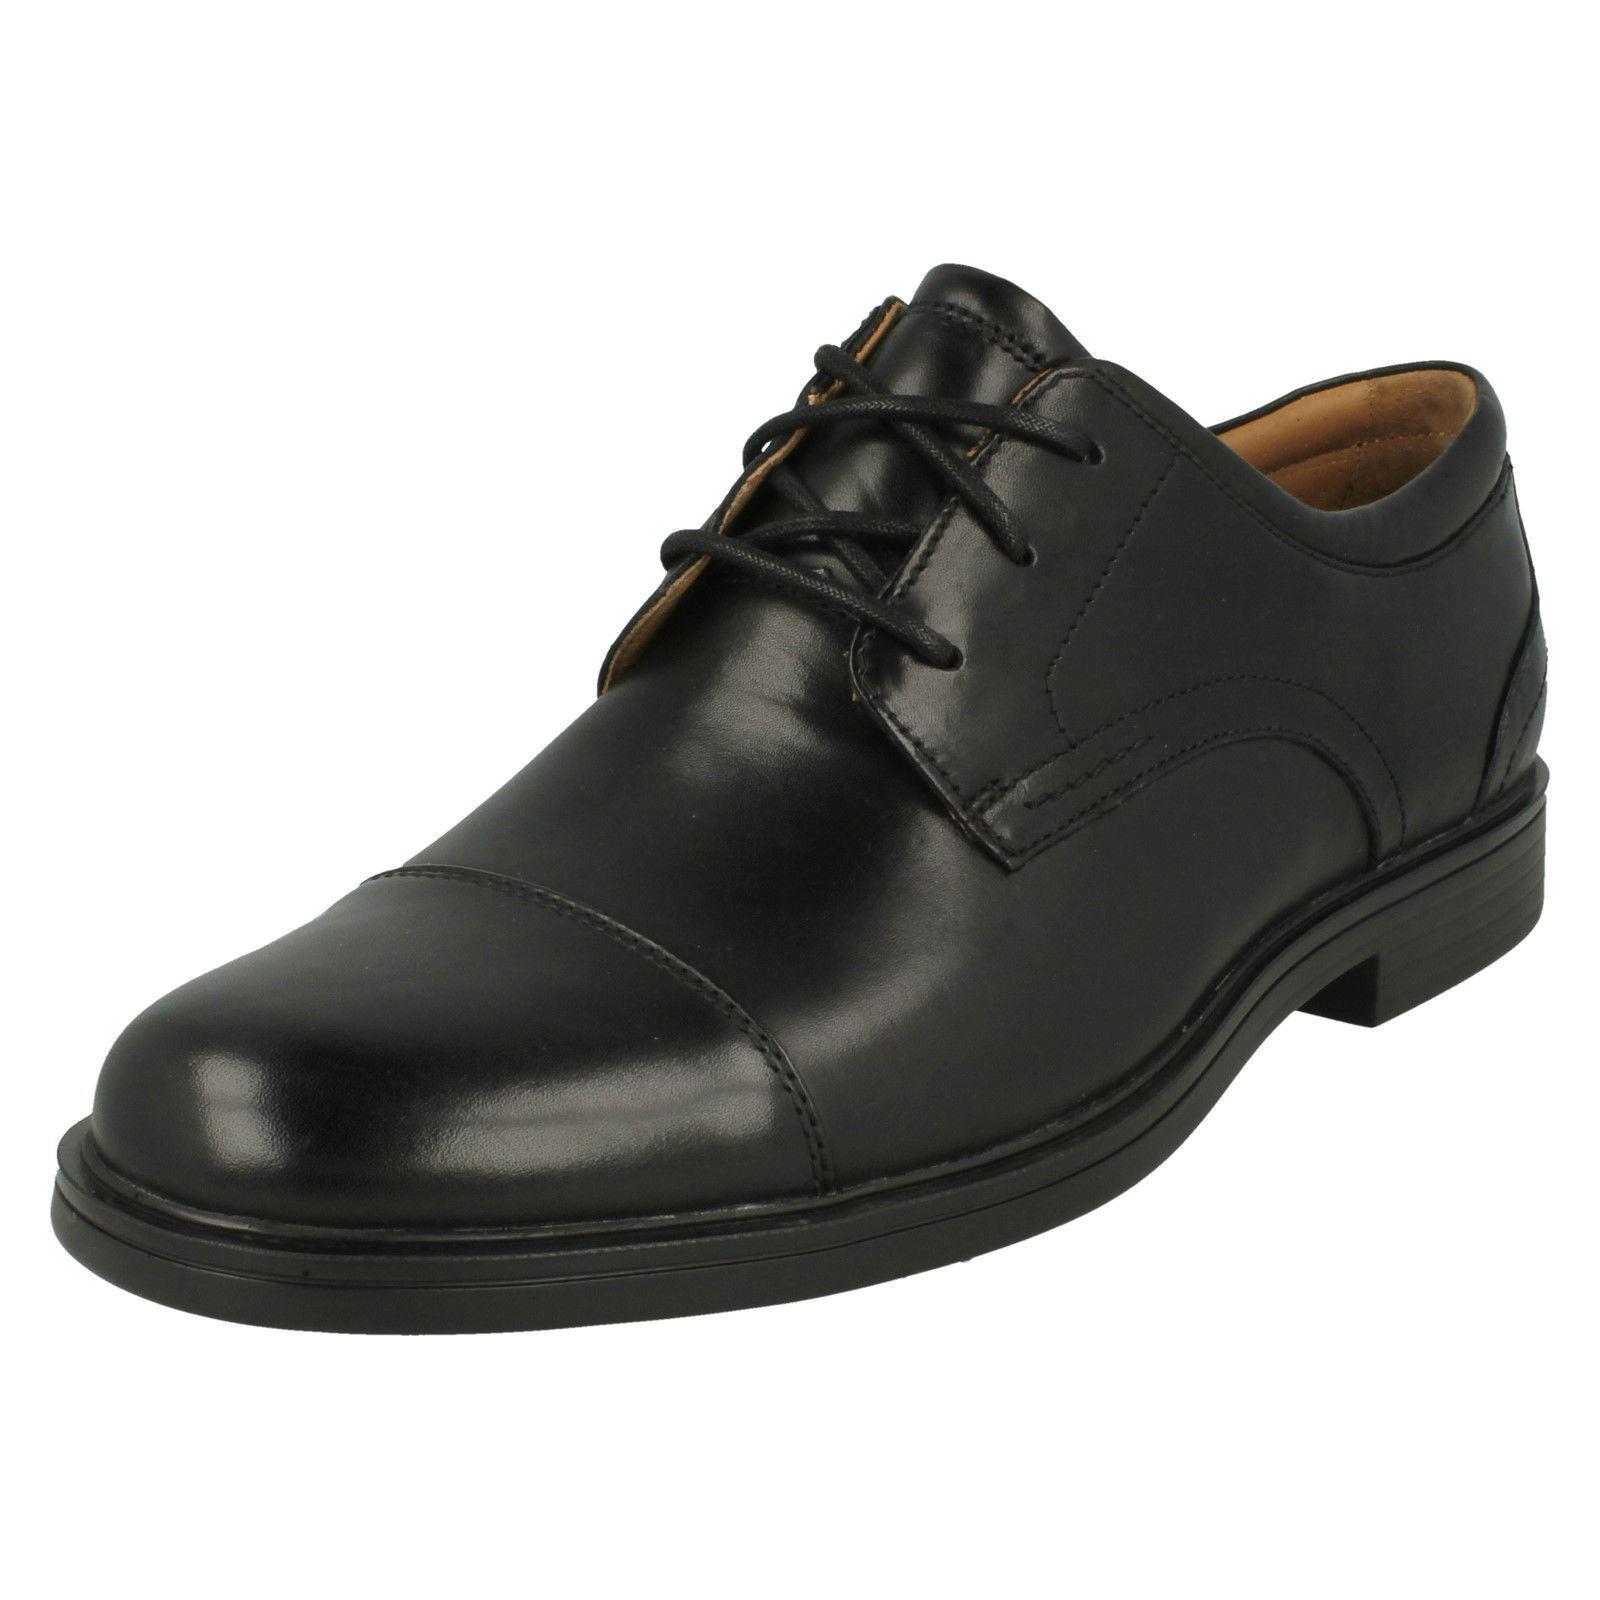 Clarks Un Aldric Cap Mens Leather Lace Up shoes